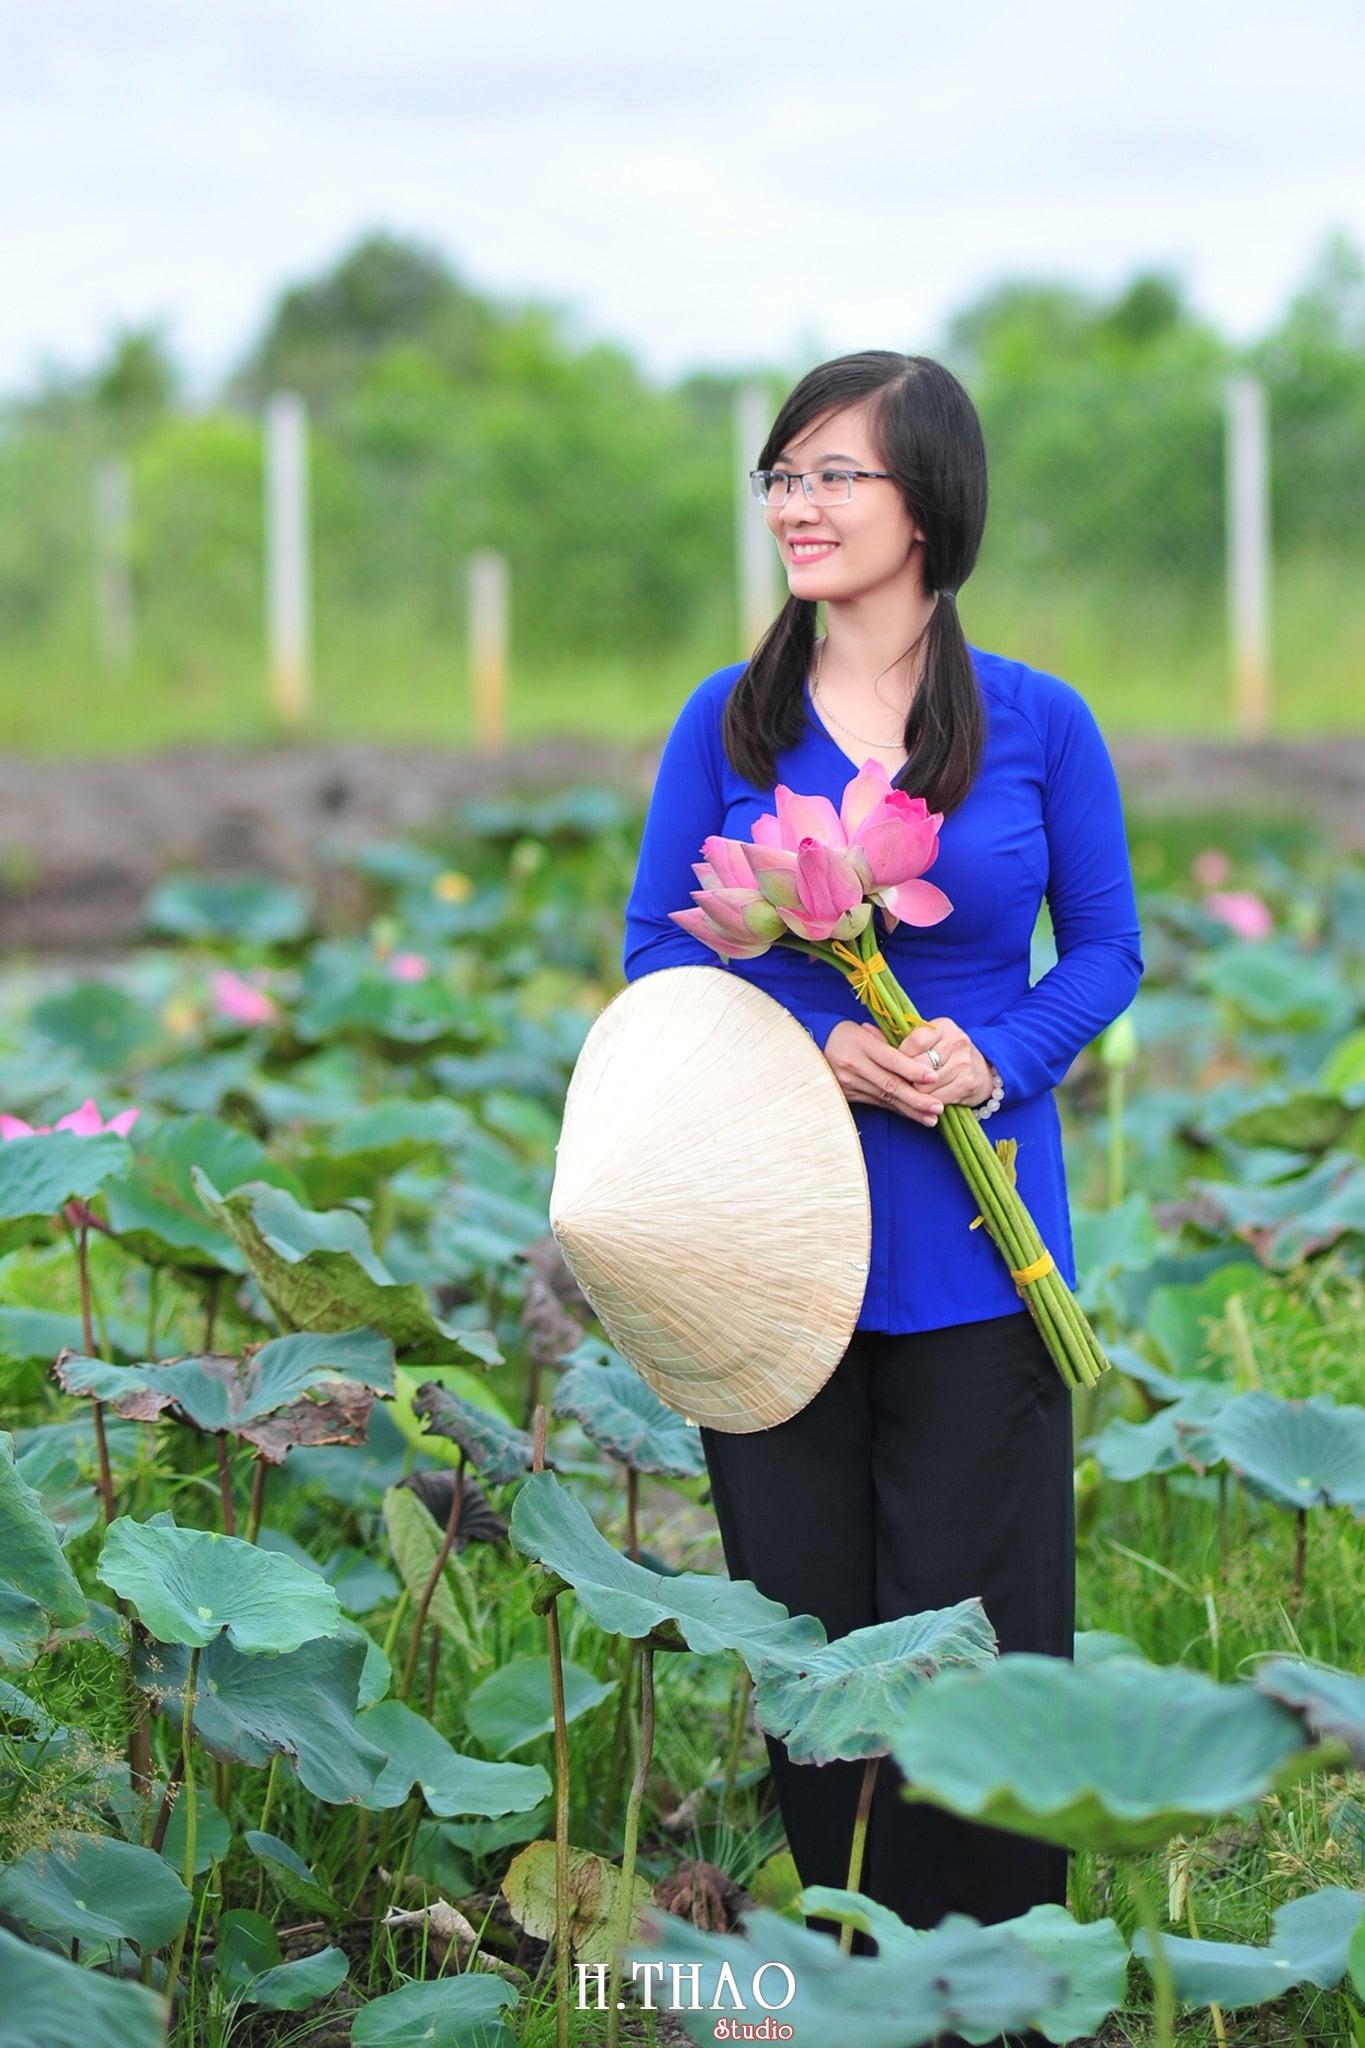 Hoa sen 12 - Tháng 6, chụp hình với hoa sen tại Tam đa quận 9 – Tp.HCM